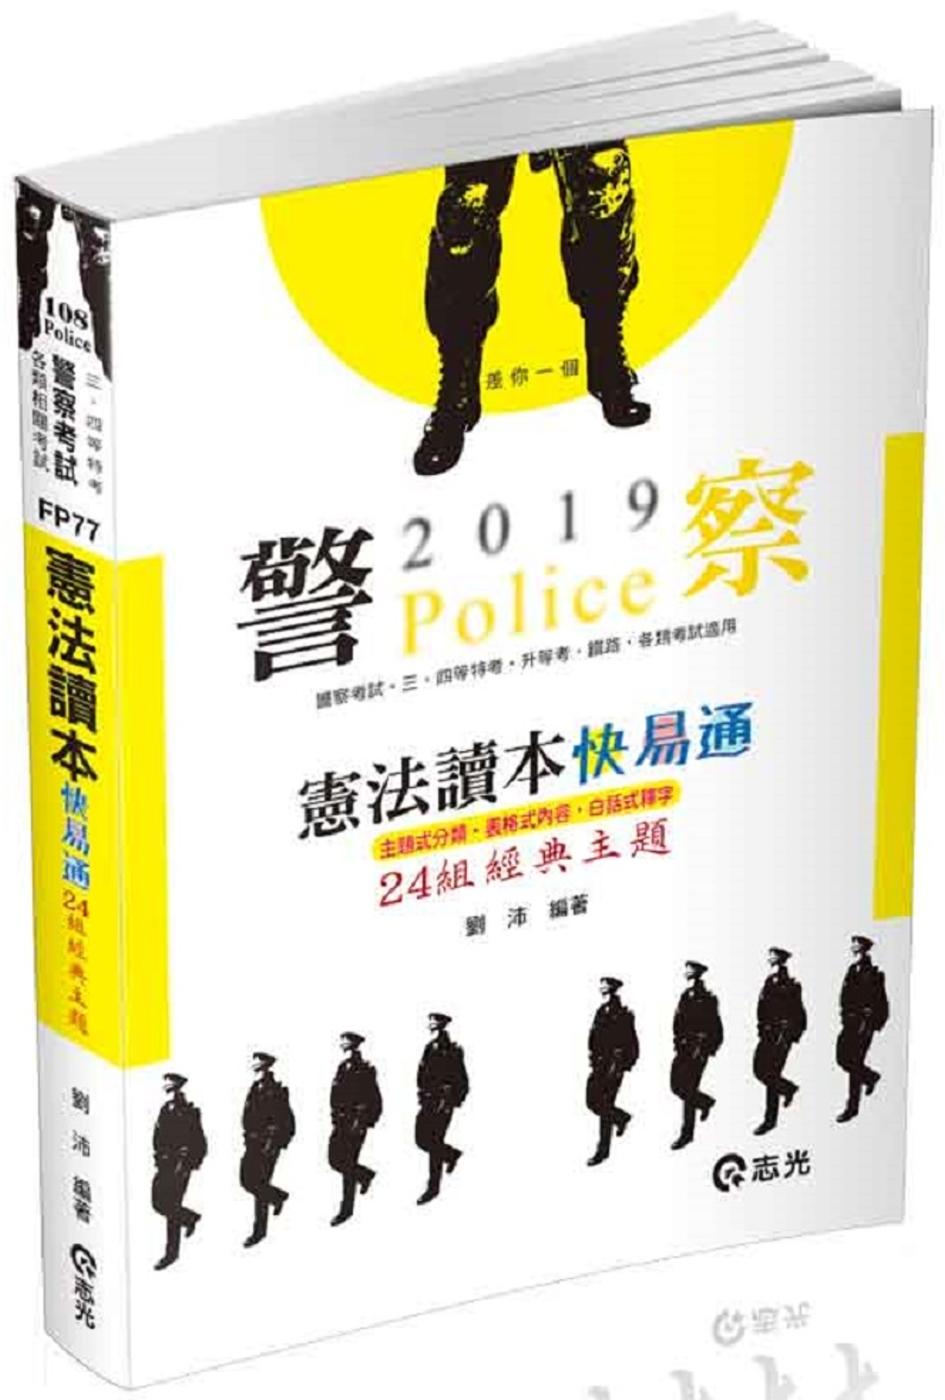 憲法讀本24組經典主題 (警察特考、各類相關考試適用)